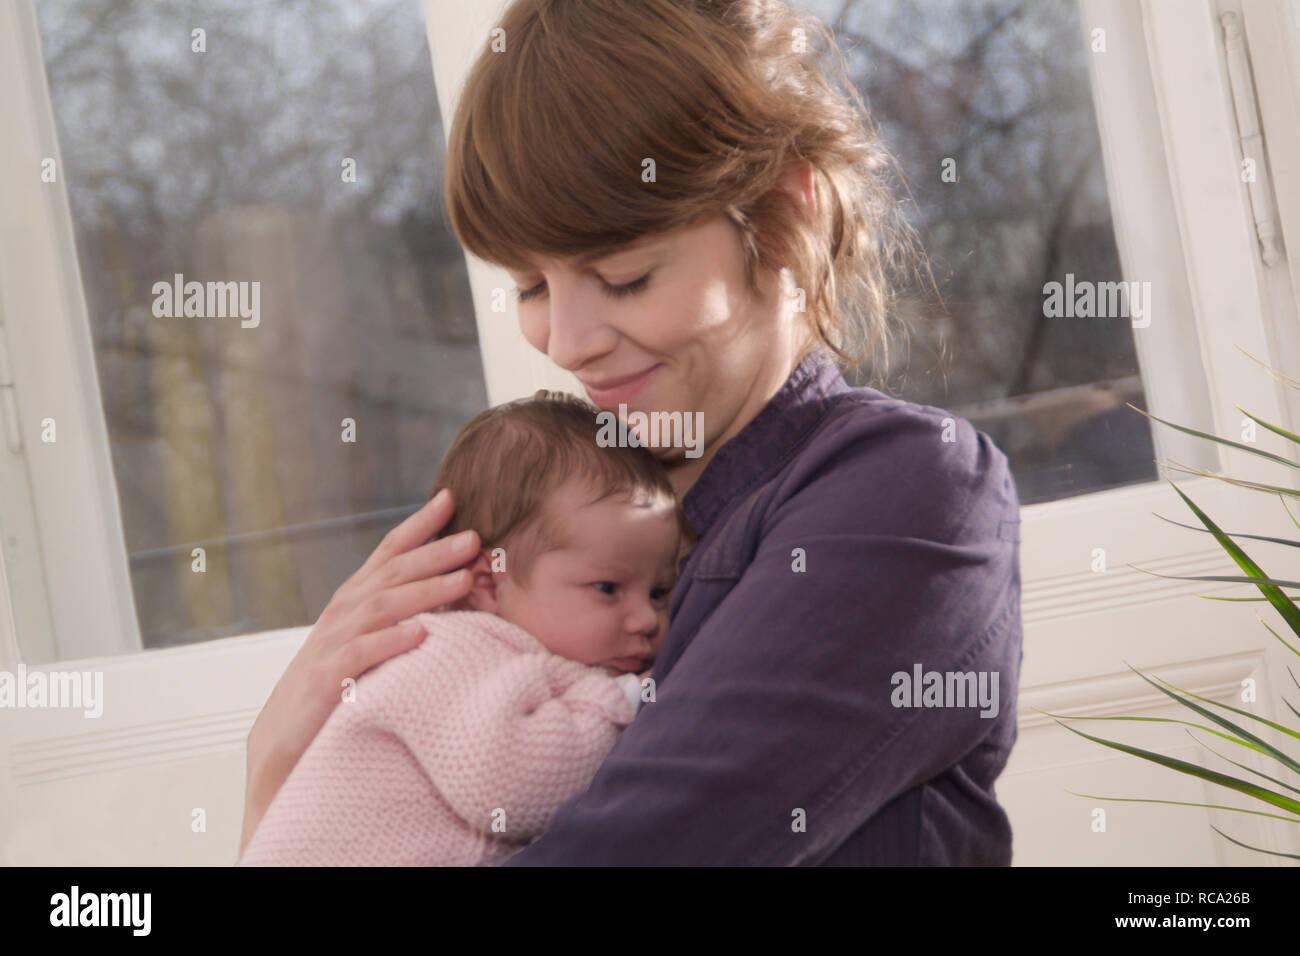 Junge Mutter ihre Tochter hält neugeborene im, brazo tipo das ist 12 Tage alt   joven madre sostiene a su bebé recién nacido en sus brazos - el bebé ist 12 días Foto de stock